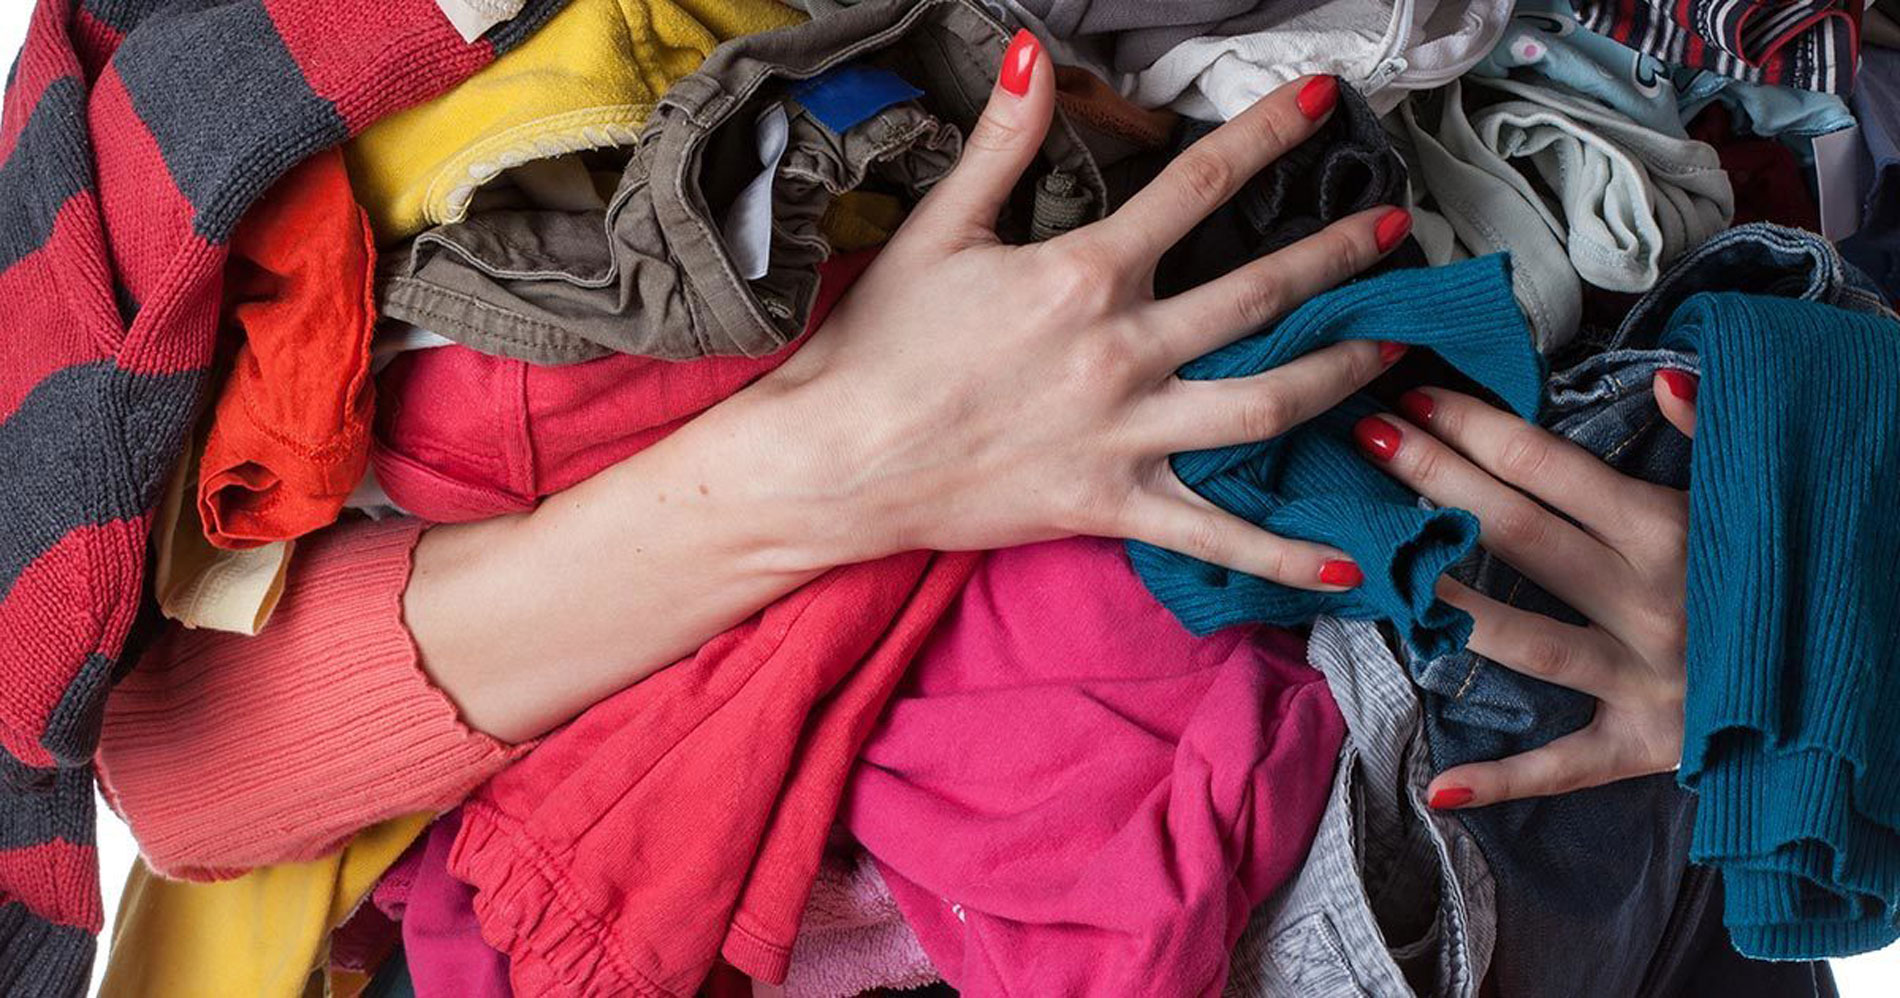 Svolta Green per l'Outlet, 10% di sconto a chi porta gli abiti usati